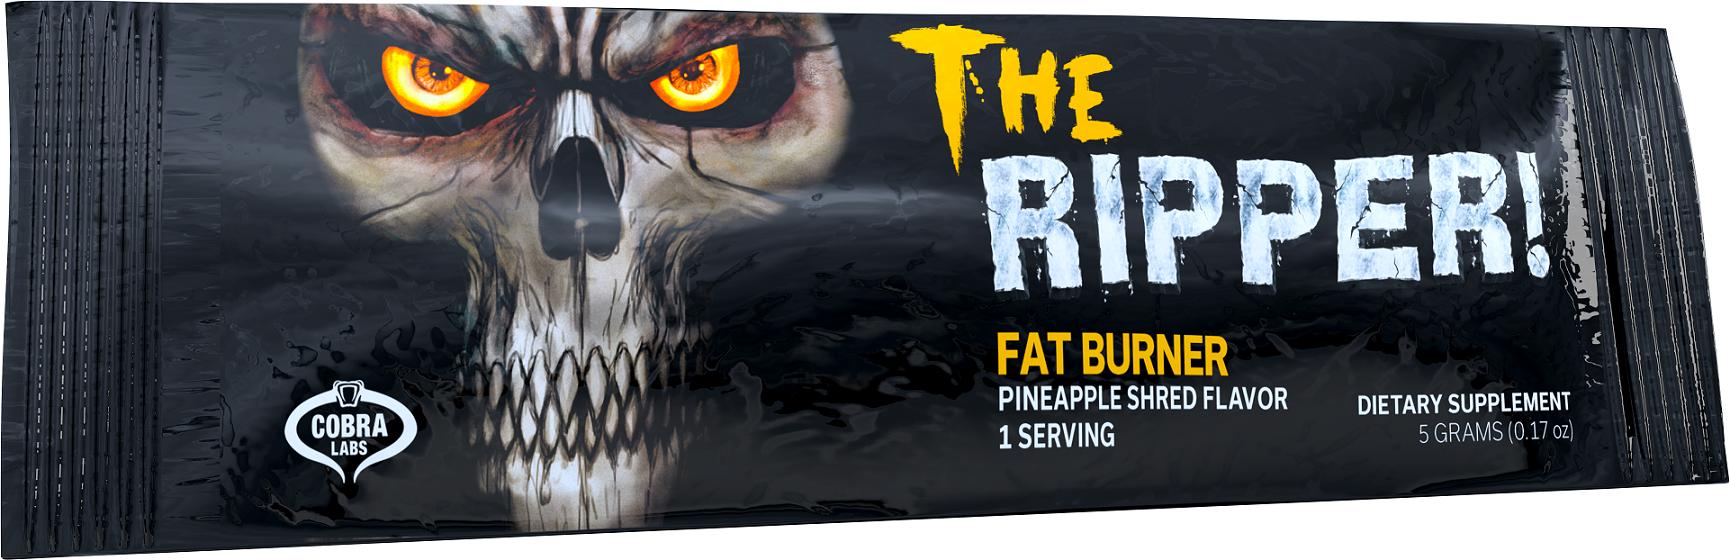 The Ripper Fast Food